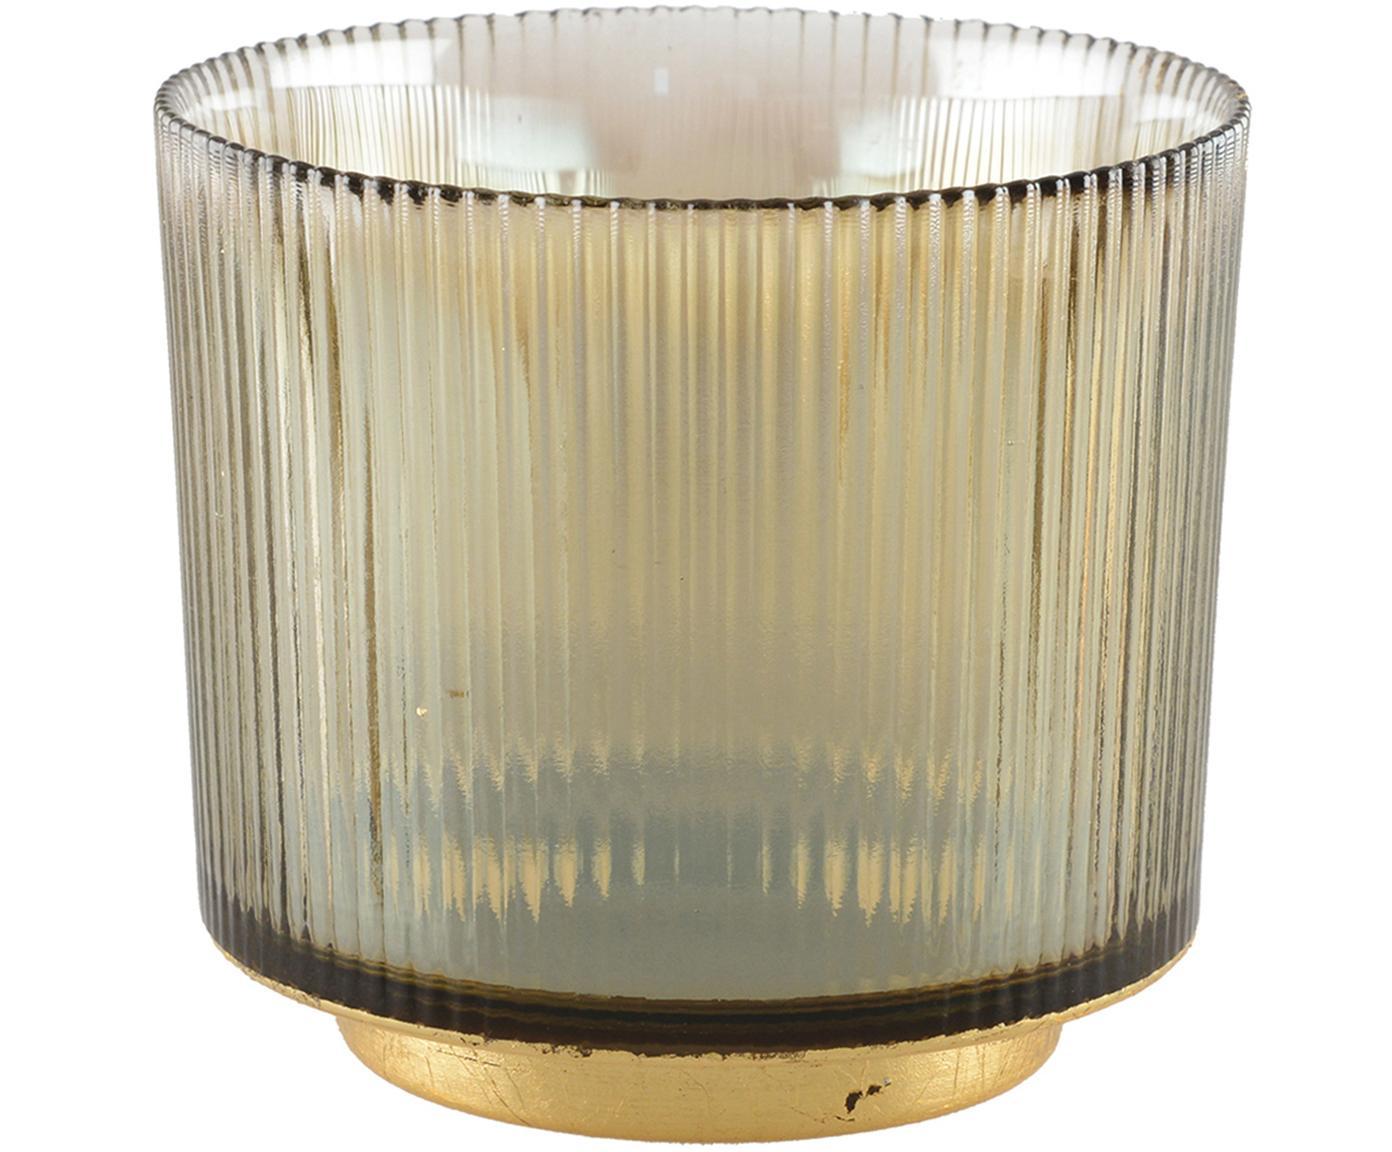 Waxinelichthouder Luster, Glas, metaal, Bruin, transparant, goudkleurig, Ø 10 cm